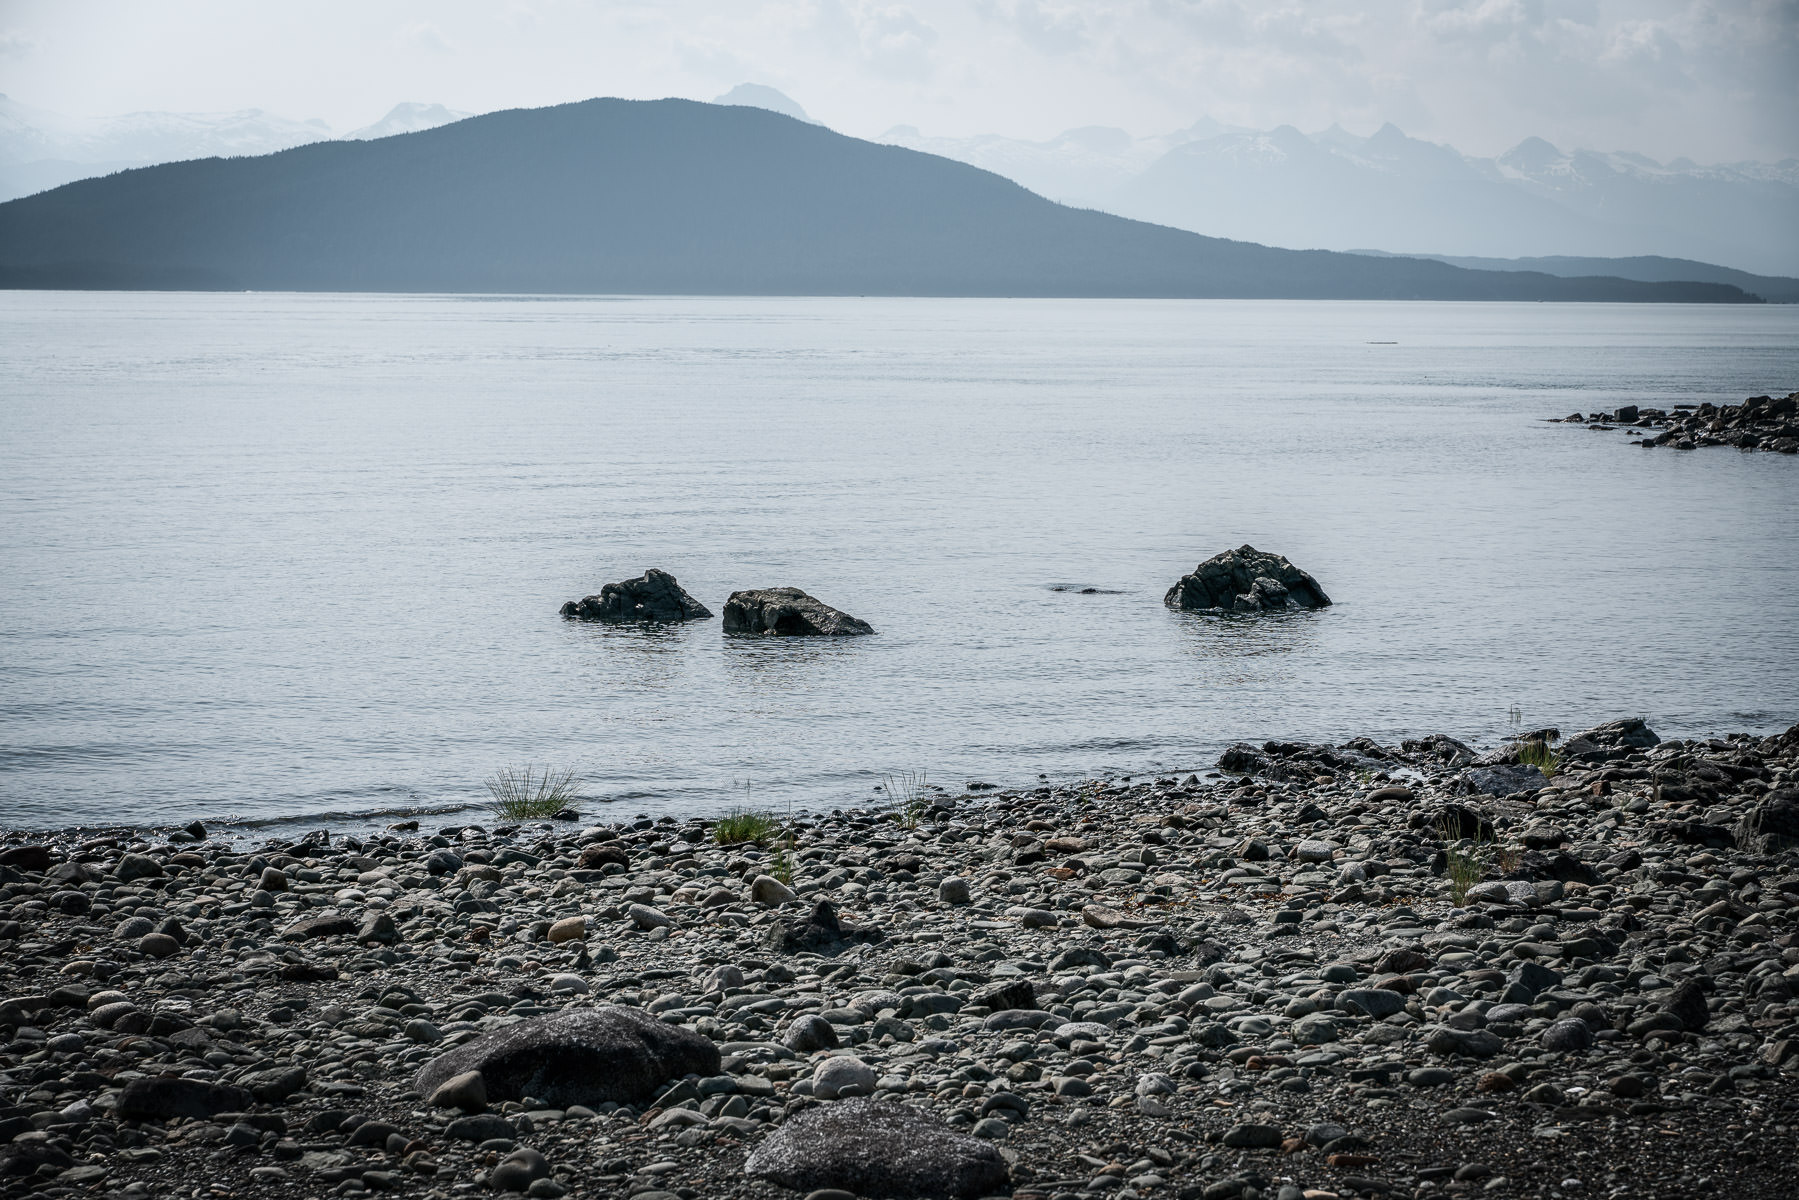 Rocks along the shore line of Favorite Channel near Juneau, Alaska.